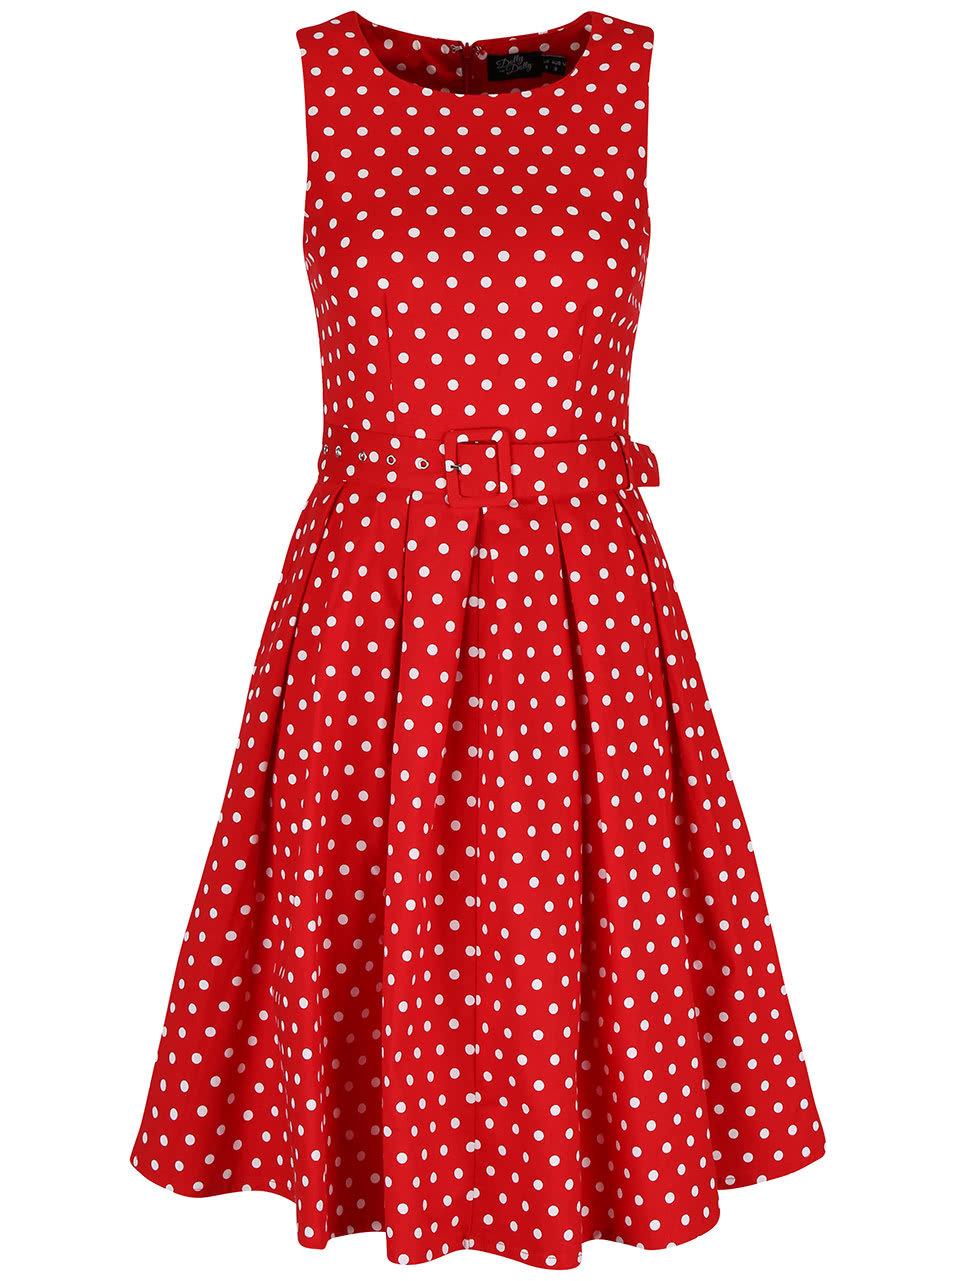 29b996d60351 Dolly and Dotty Lola Červené Bodkované šaty - JoyStore.sk